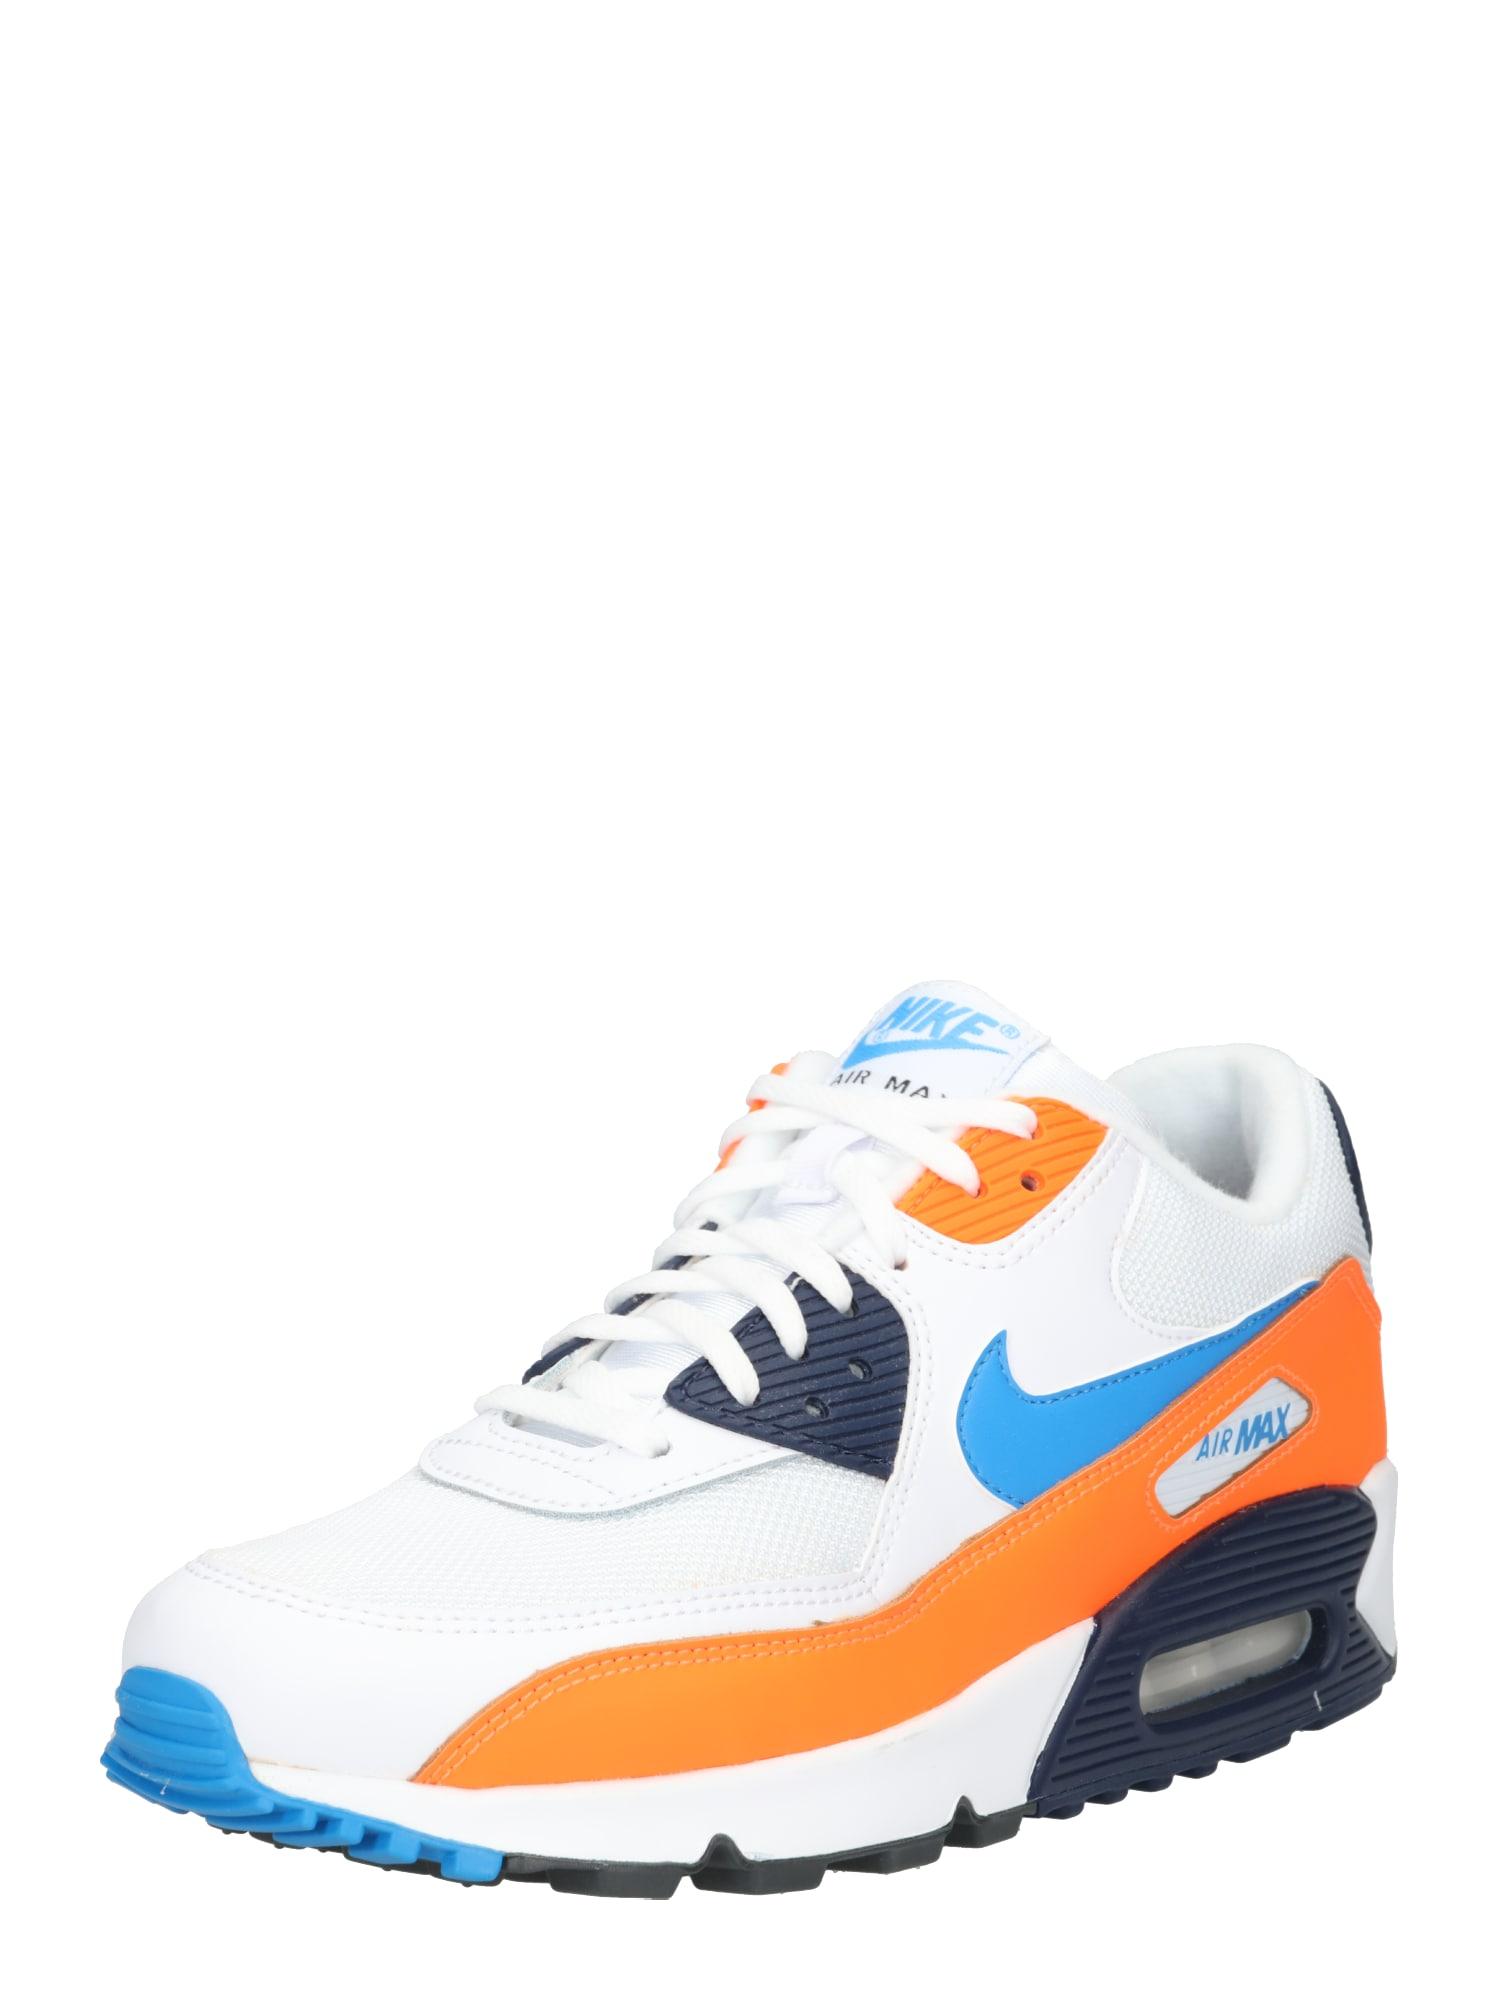 Tenisky Air Max 90 Essential oranžová bílá Nike Sportswear